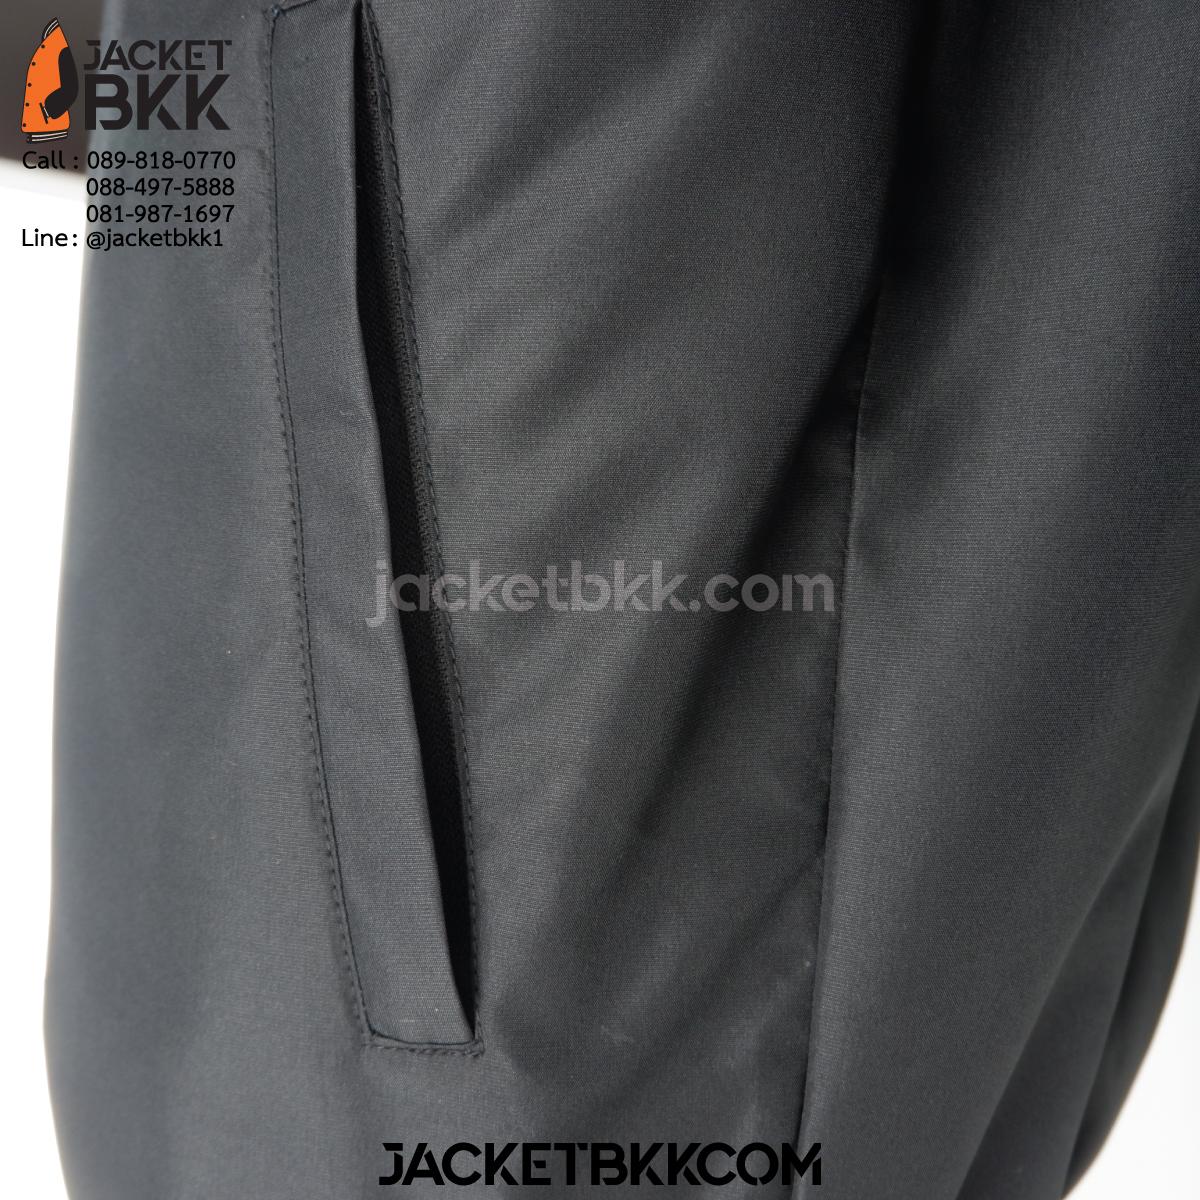 เสื้อแจ็คเก็ต ทรงเบสบอล แบบคอตั้งทอพรม สีดำ